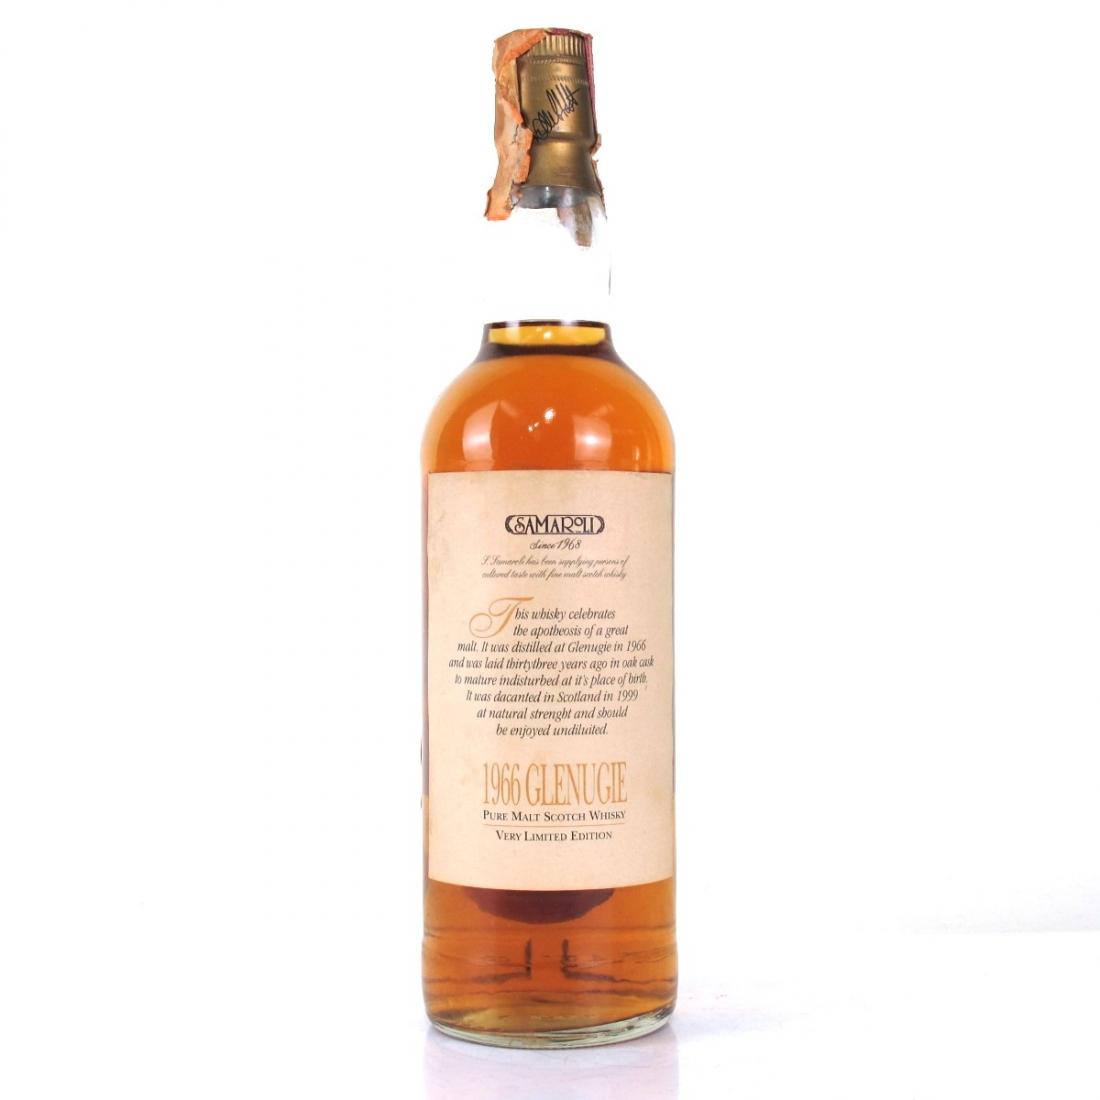 Glenugie 1966 Samaroli 33 Year Old / only 108 bottles